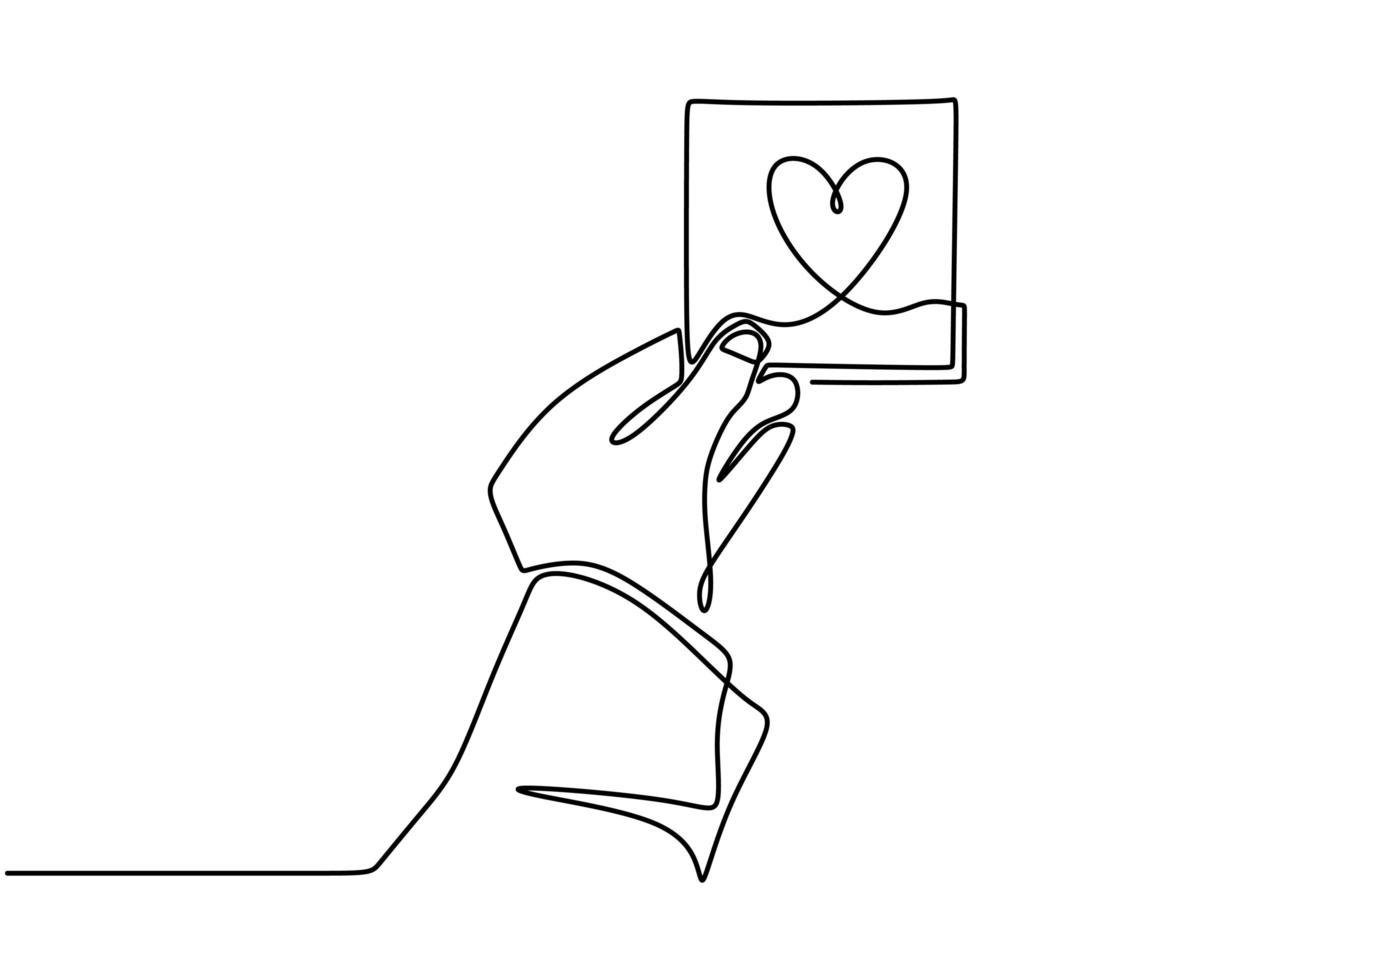 dibujo de línea continua mano con signo de corazón de amor, una ilustración de vector de boceto dibujado a mano